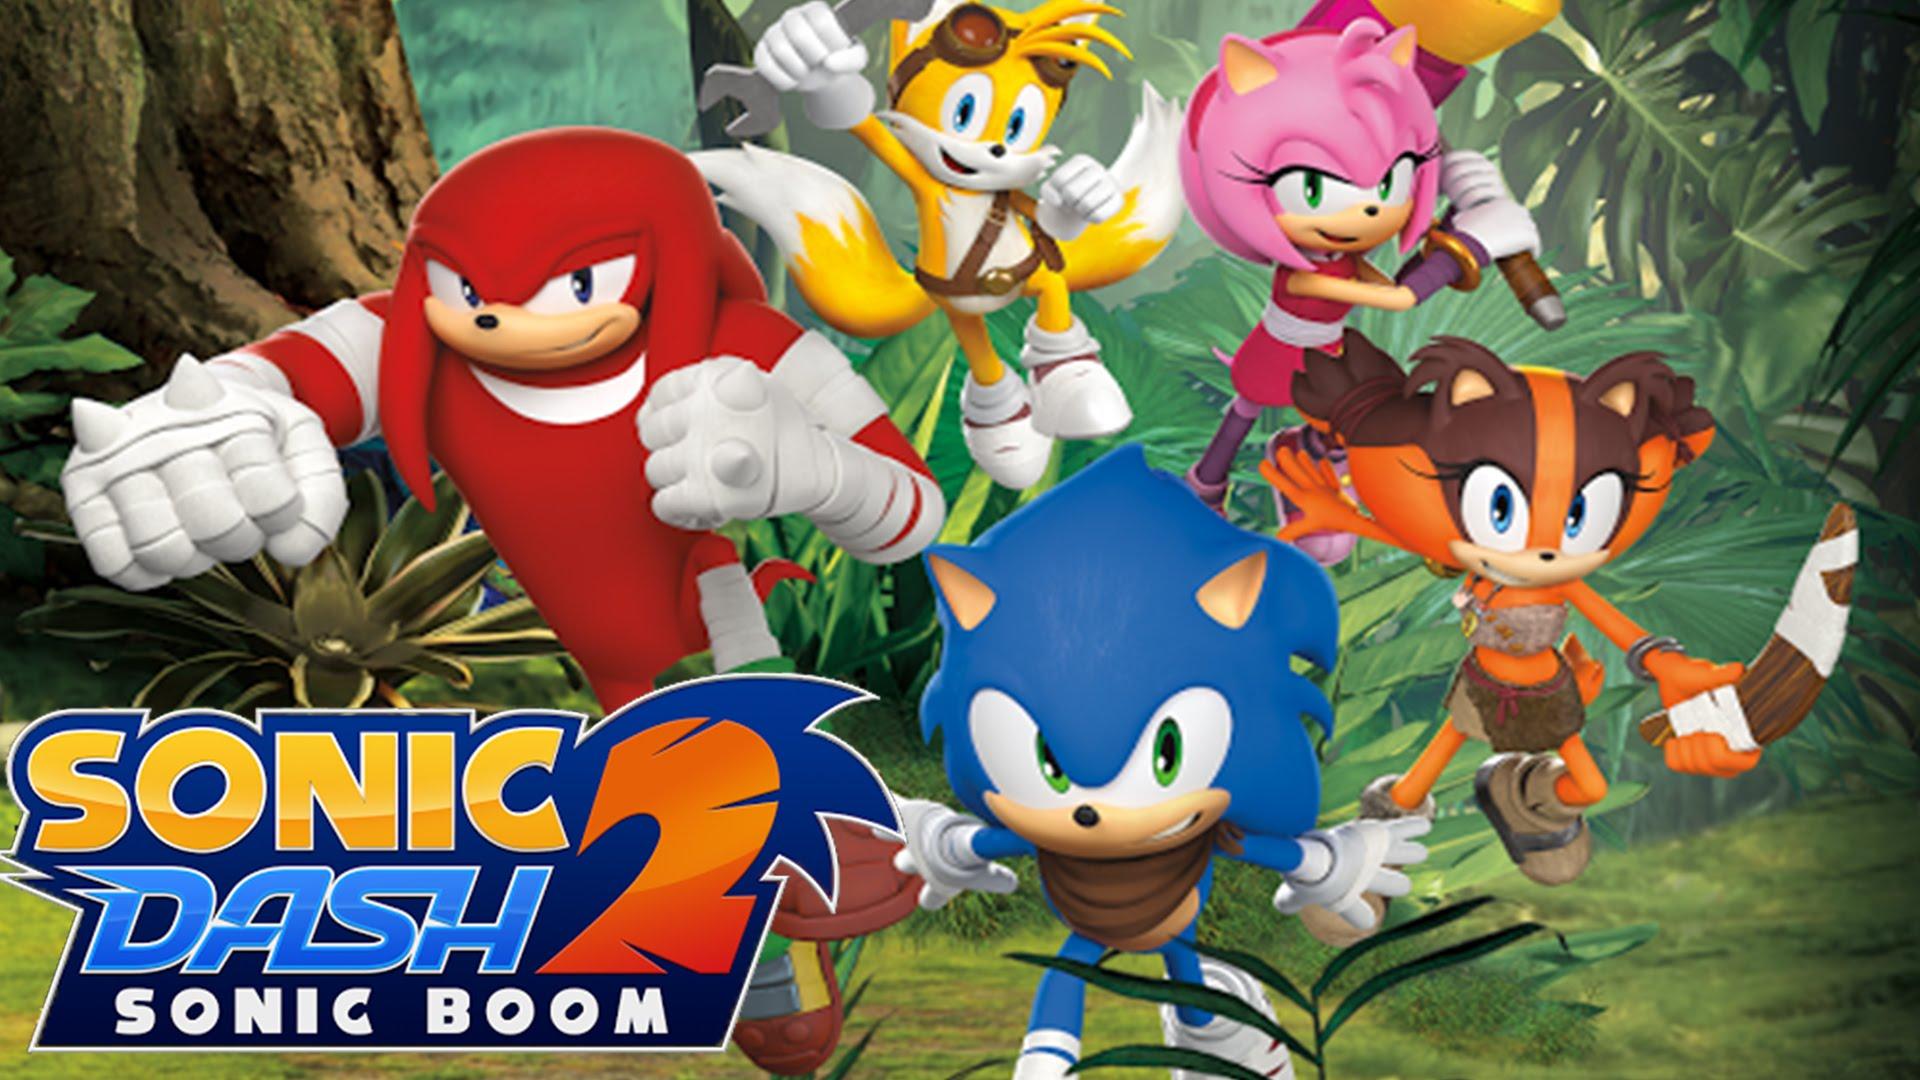 دانلود Sonic Dash 2: Sonic Boom 1.9.0 بازی سونیک دش 2 برای اندروید